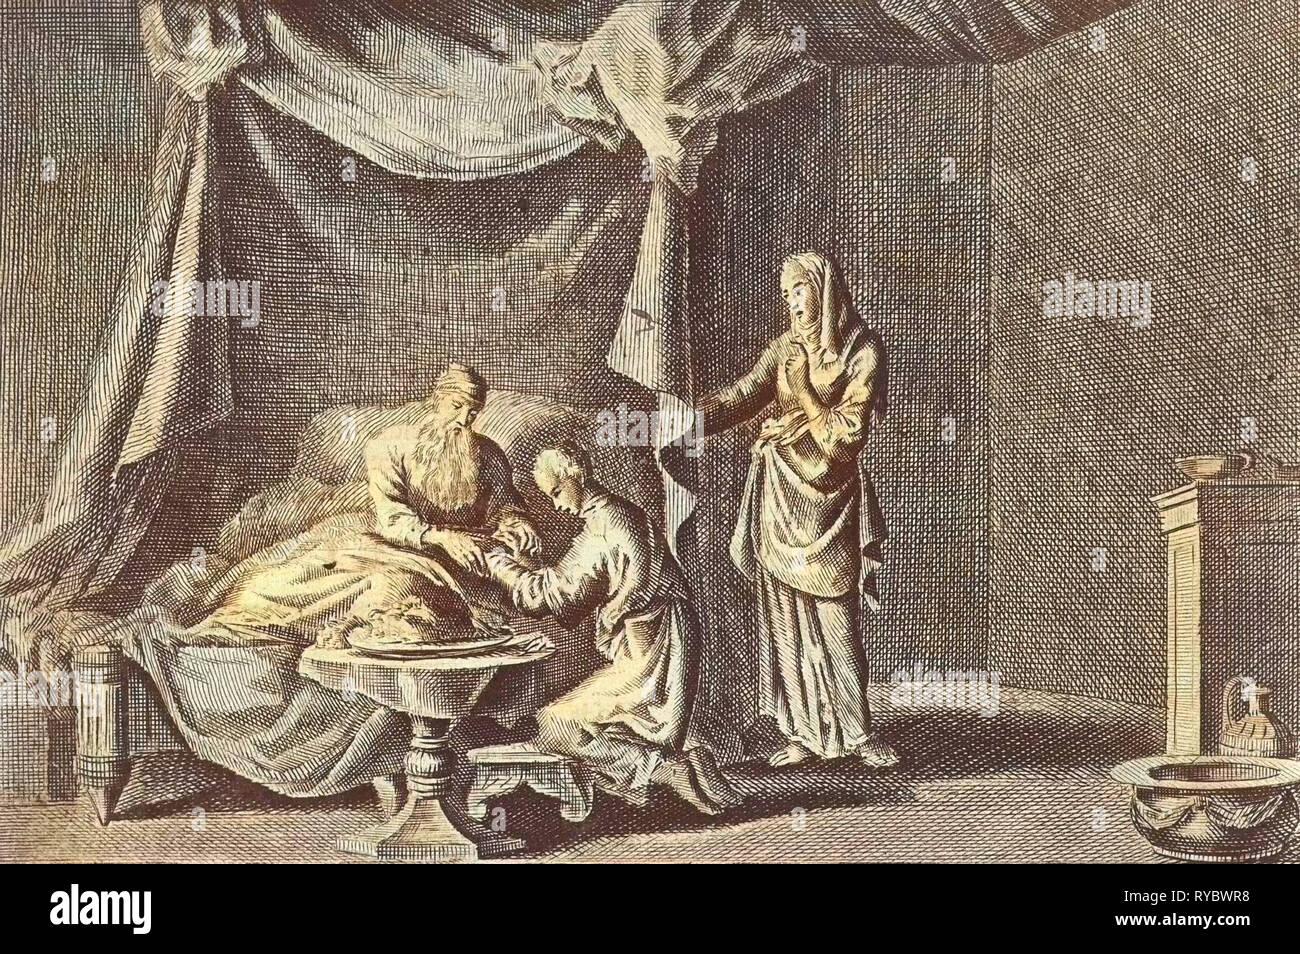 Isaac blesses Jacob, Jan Luyken, Pieter Mortier, 1703 - 1762 - Stock Image